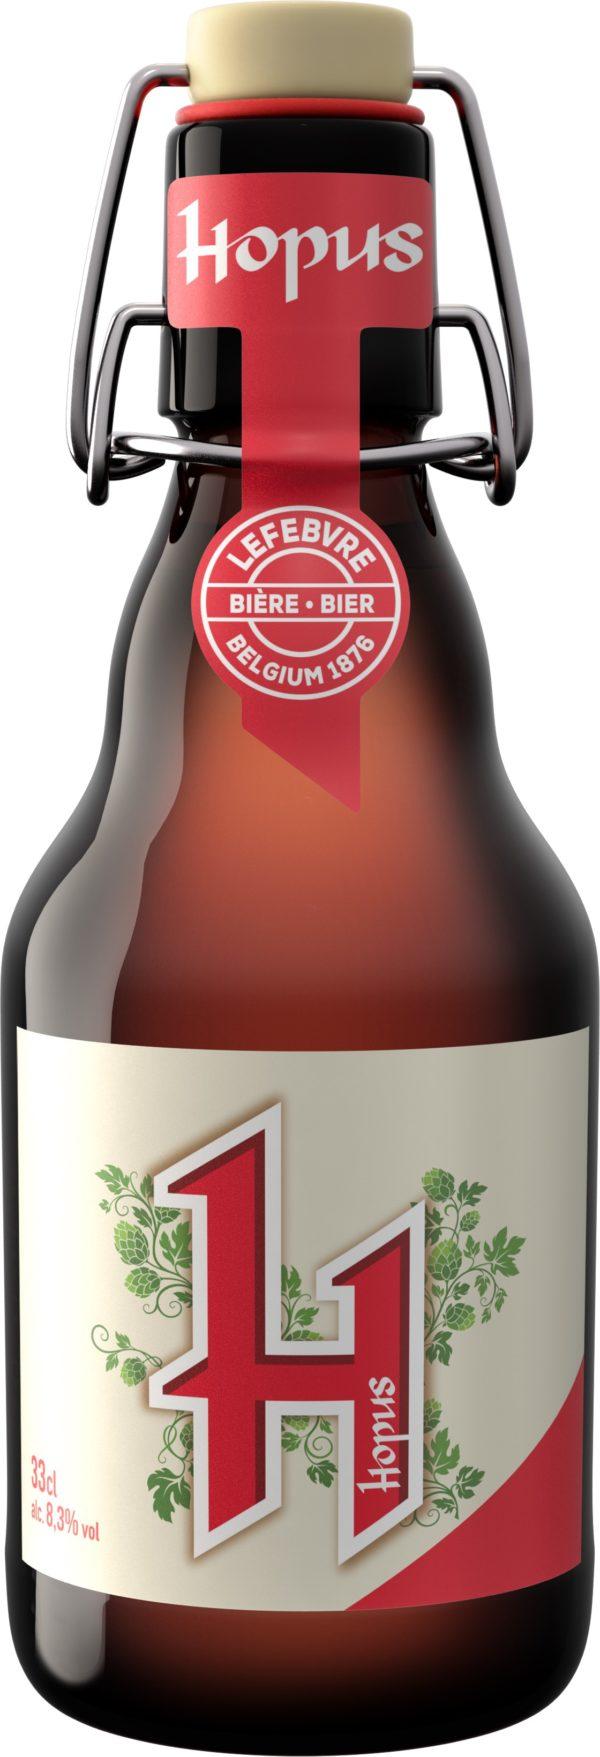 Beer-HOPUS-GODO